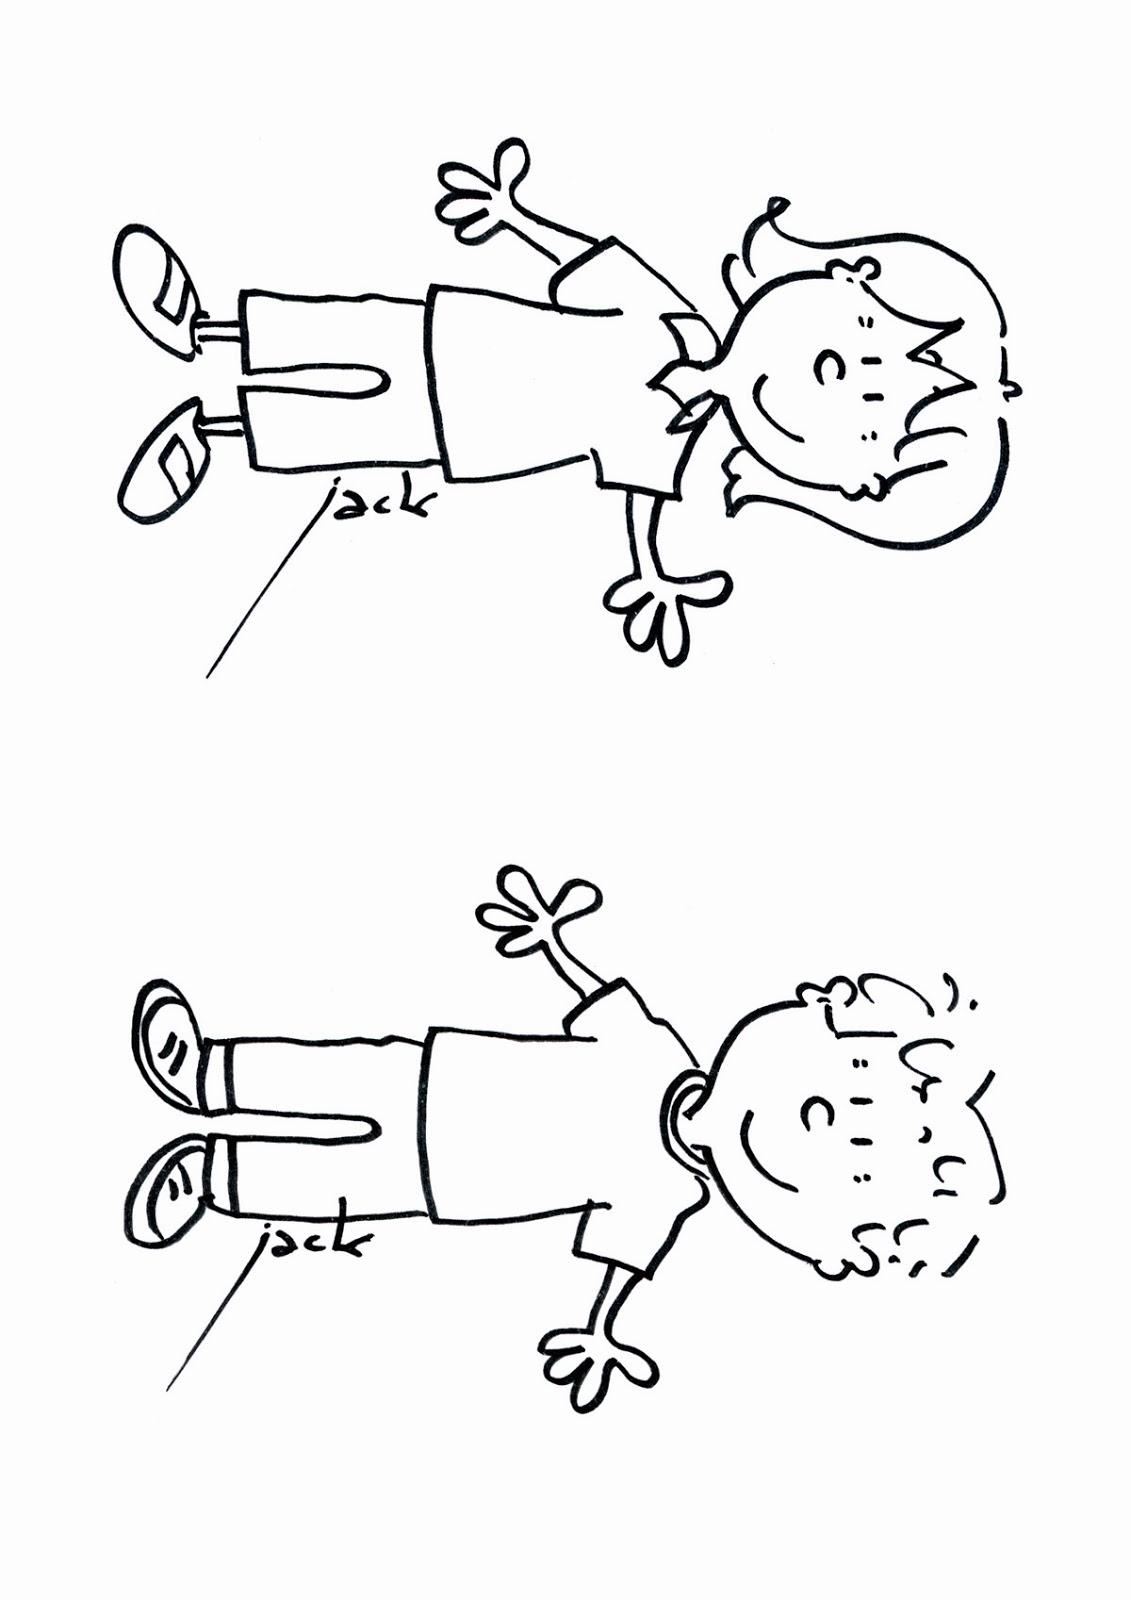 Danger cole affichages utiles en vrac - Dessin fille et garcon ...